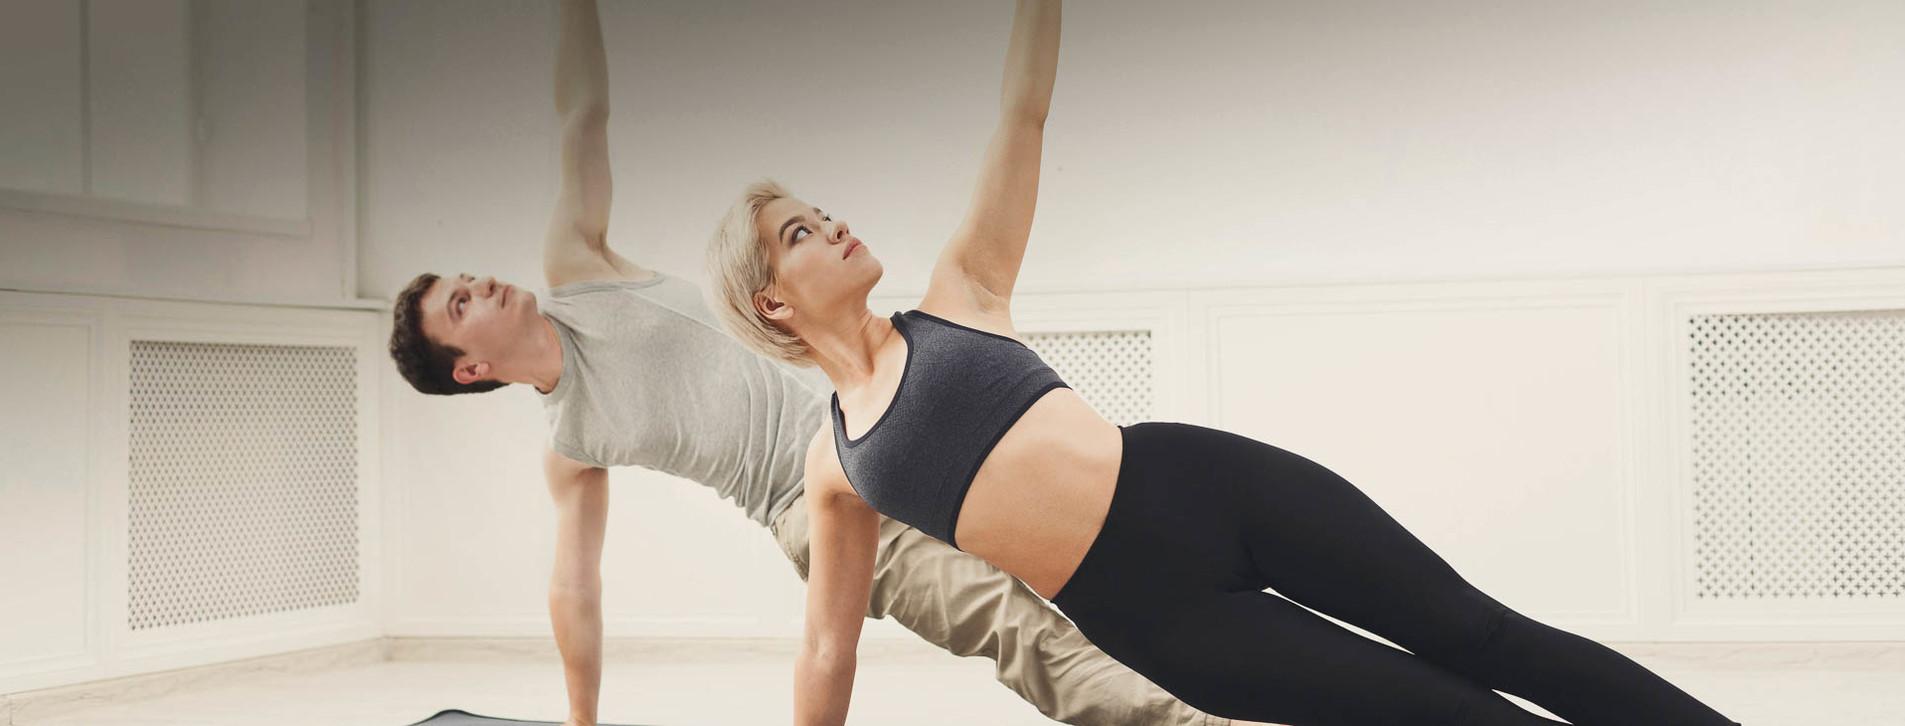 Фото 1 - Горячая йога в группе для двоих